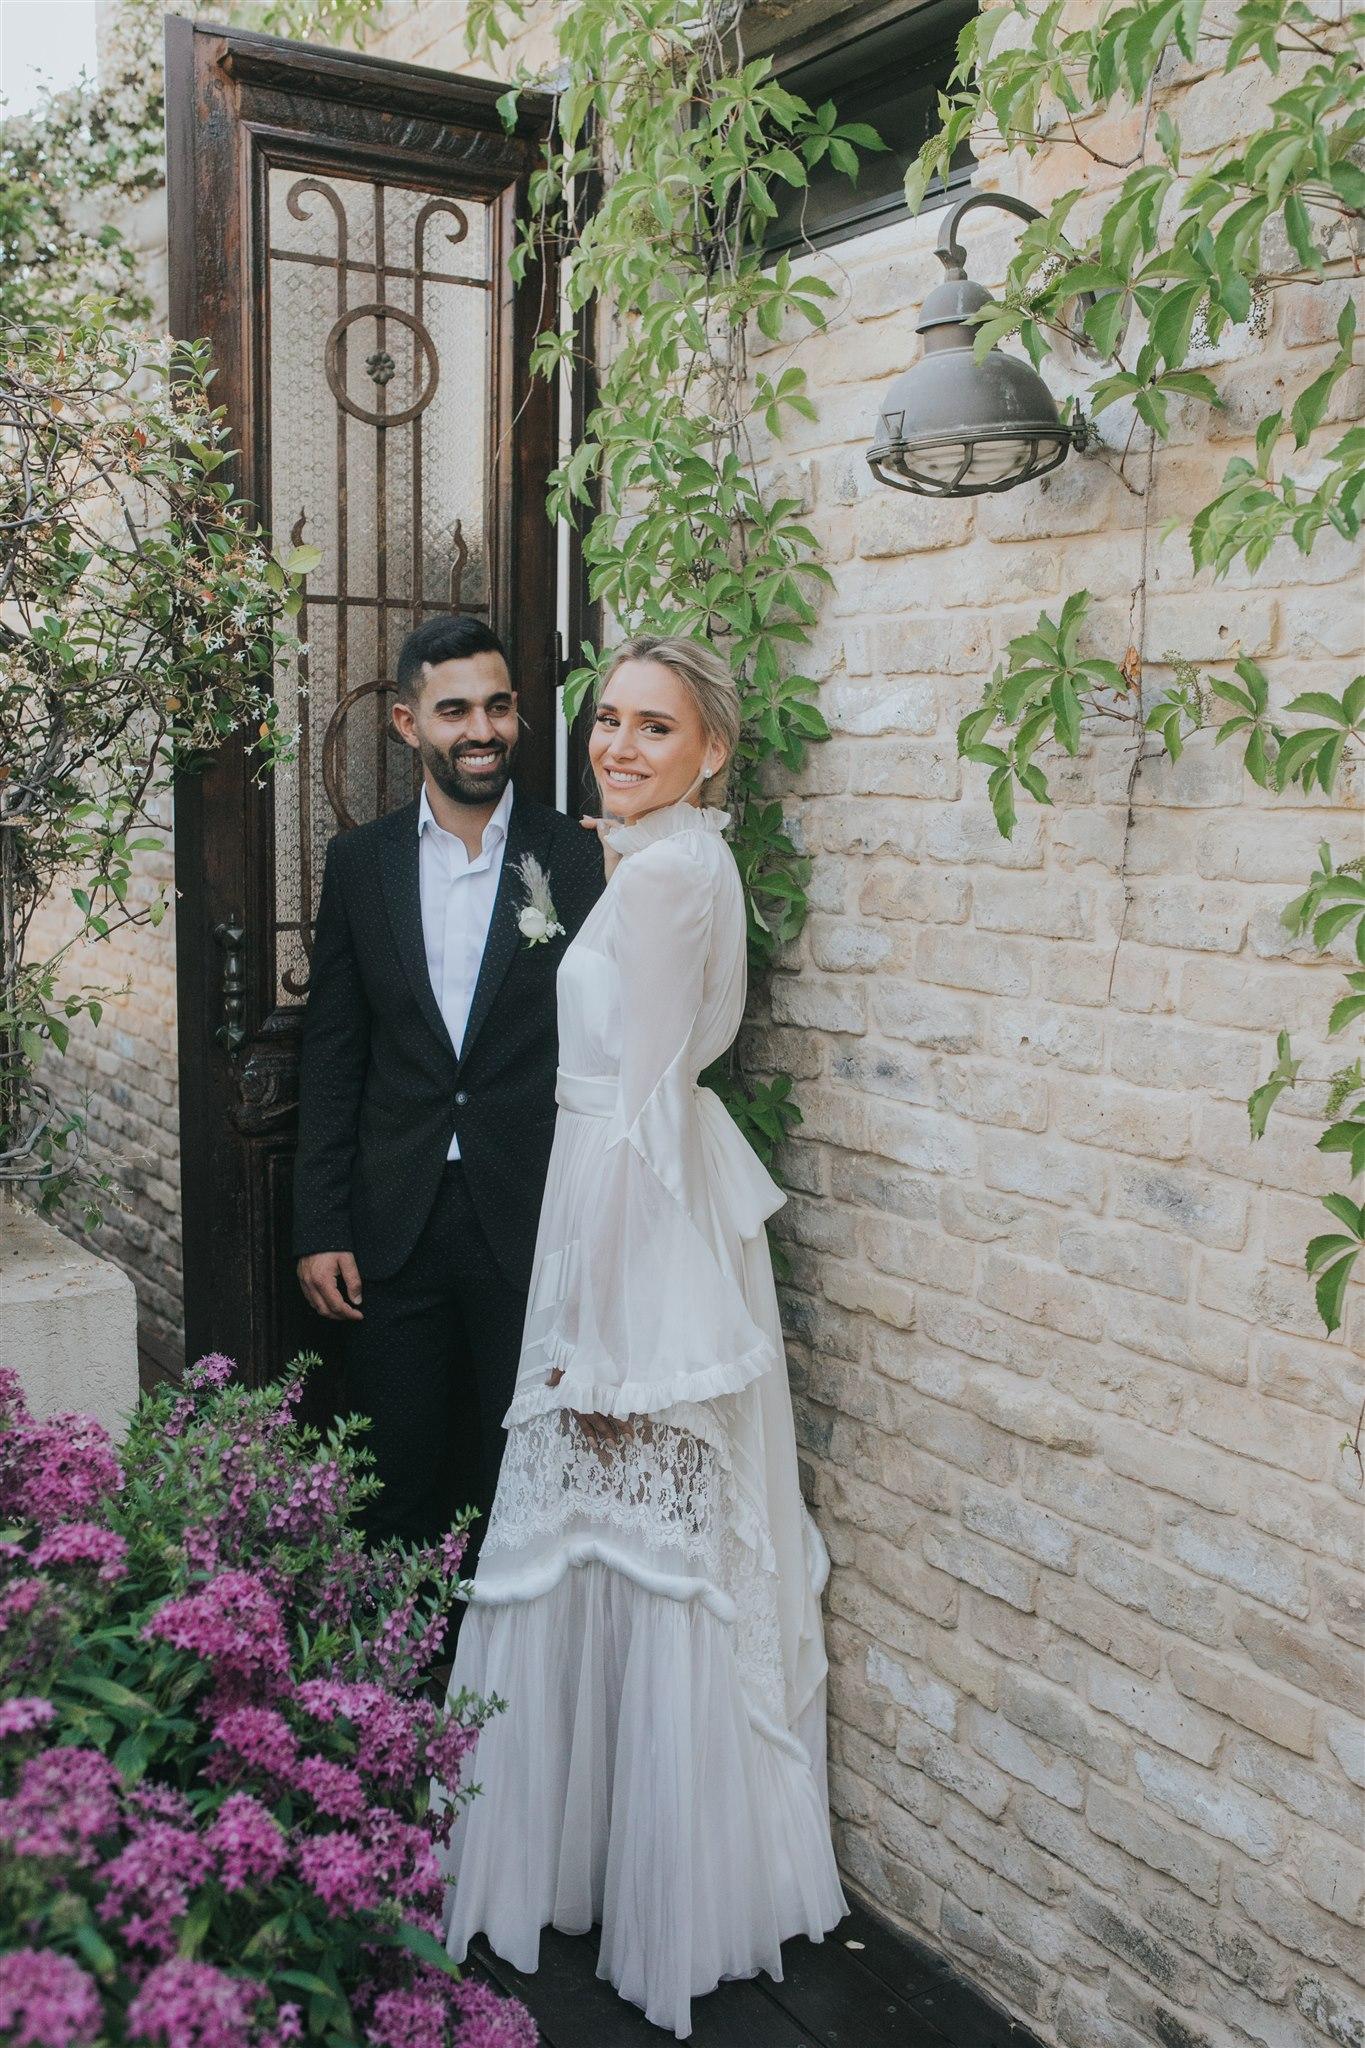 שמלה מלאת סטייל והזמנות שהכלה עיצבה: החתונה של אלייה וקובי